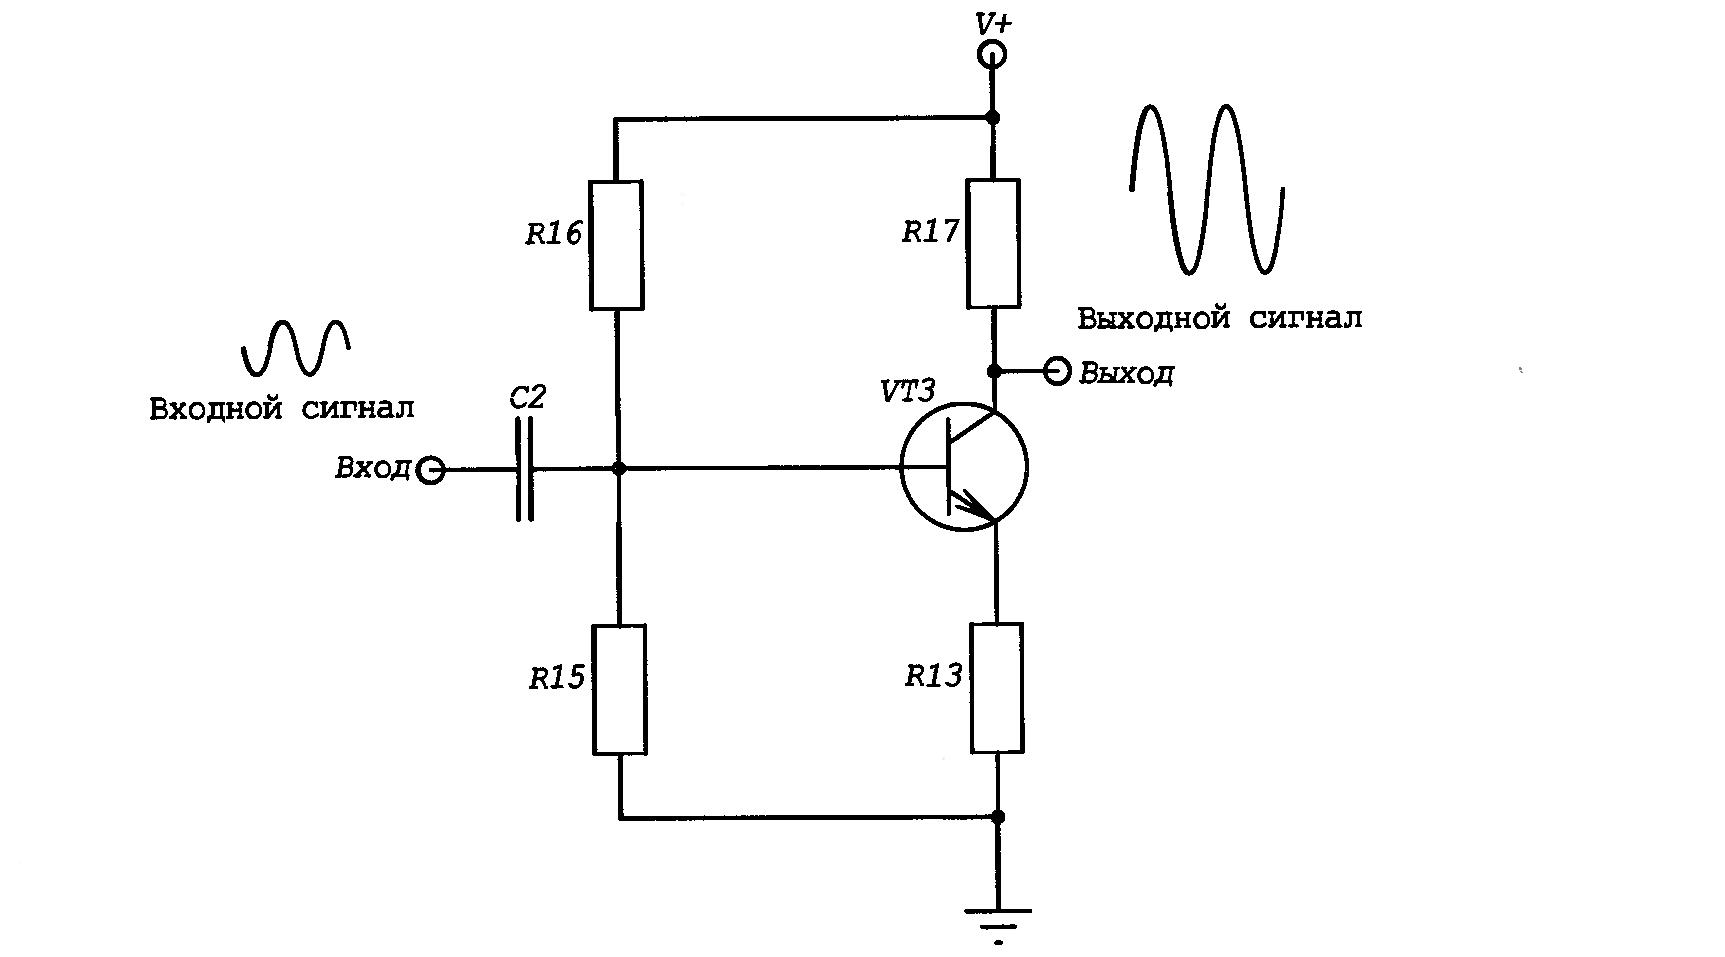 первые усилитель звука на транзисторе кт805бм или шваннома разновидность